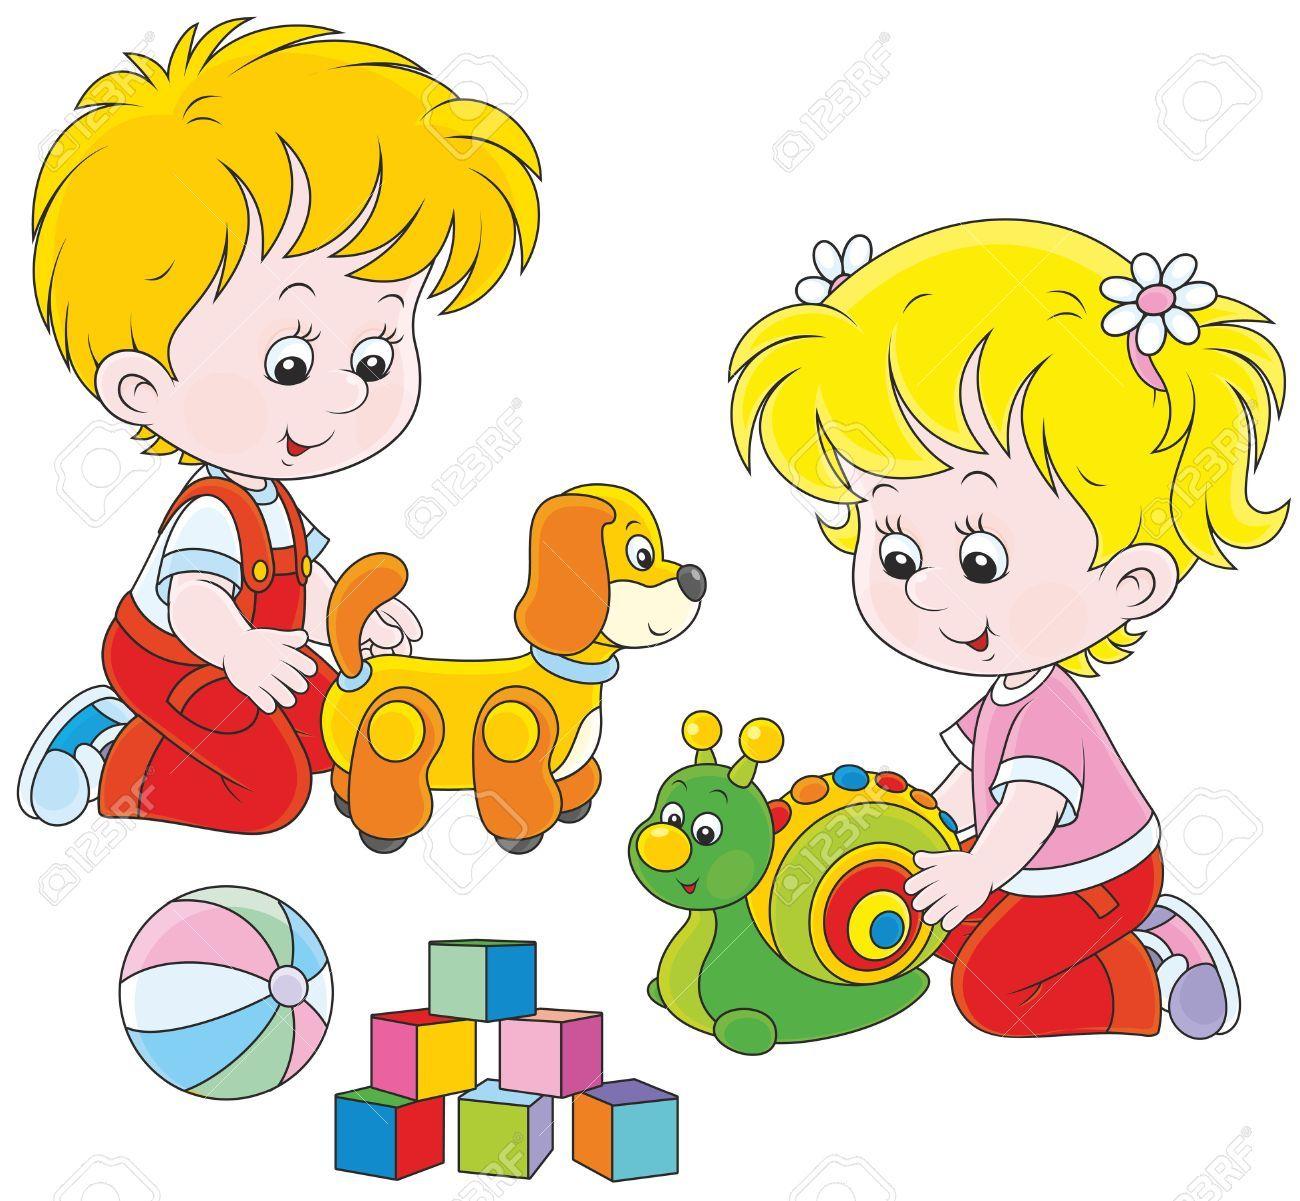 Nina Y Nino Jugando Con Sus Juguetes Ninos Jugando Juegos Para Ninos Libros De Tela Para Ninos